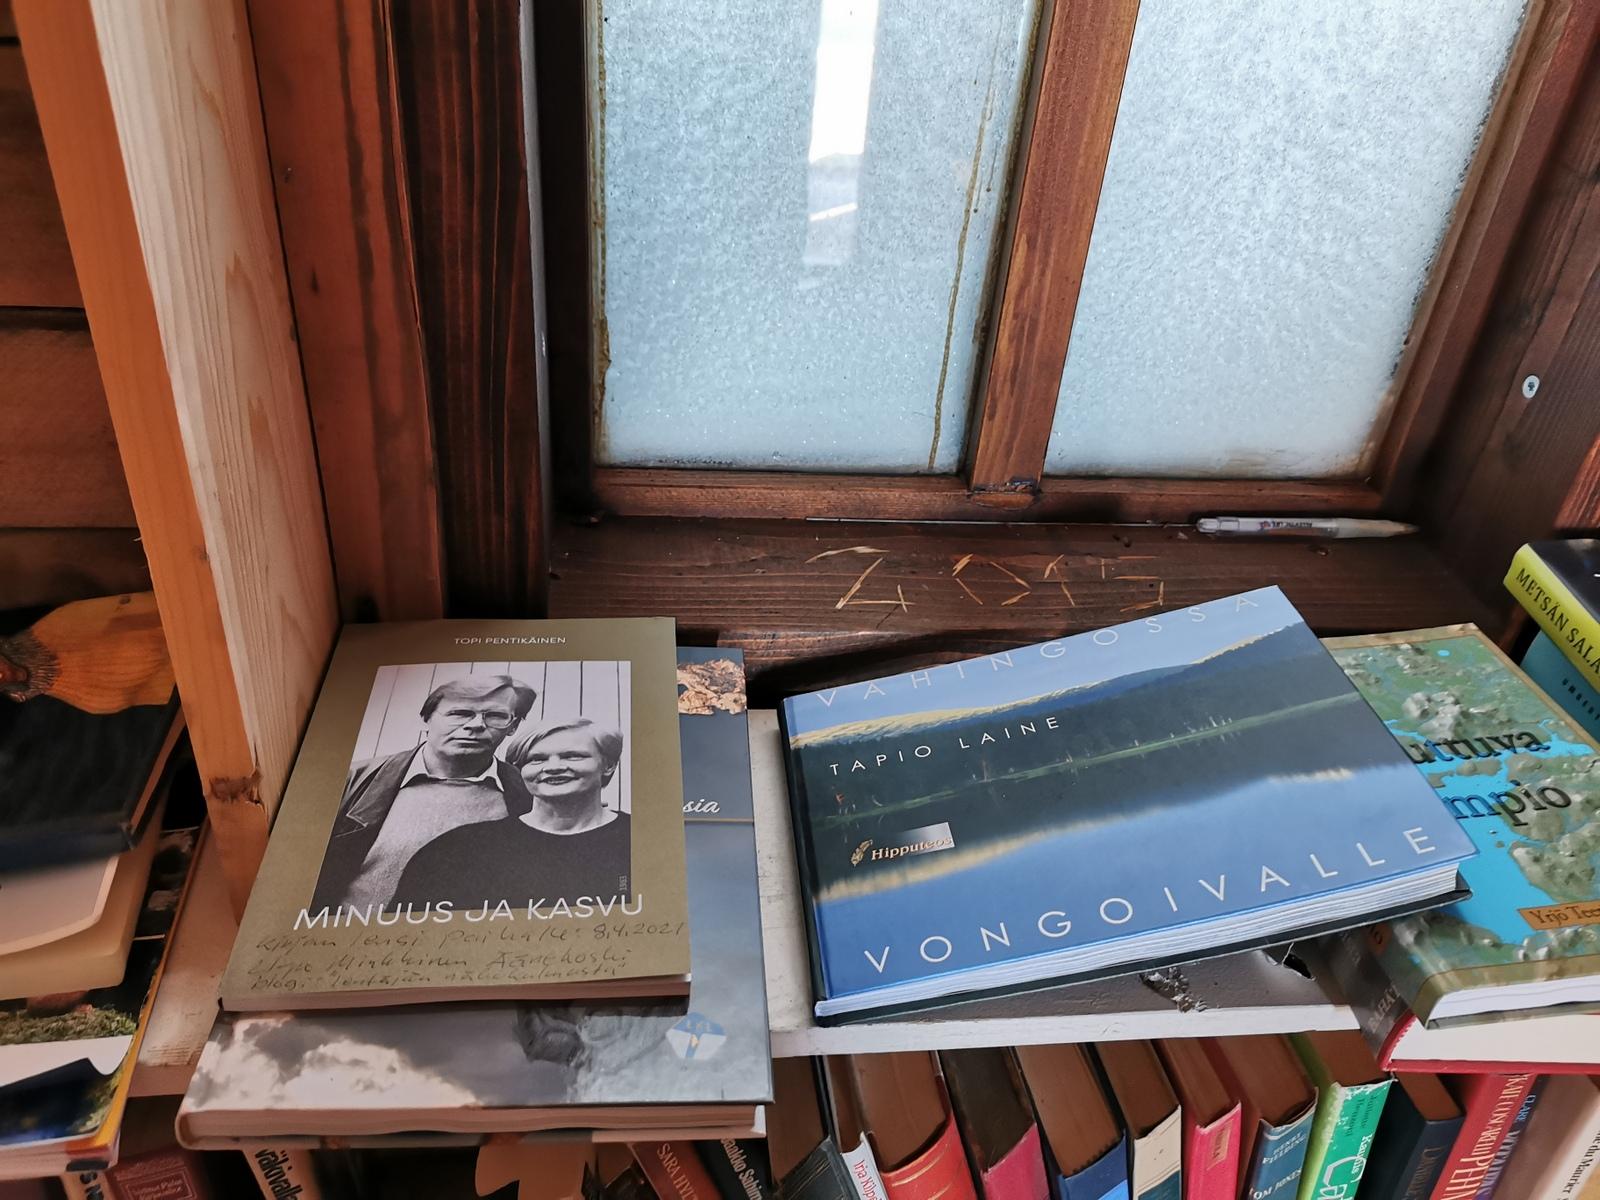 Minäkin vei yhden kirjan lainattavaksi. Topi Pentikäisen (Pentik) lahjoittaman omasta elämästään kertovan kirjan, jonka kuvitukseen olen osallistunut.